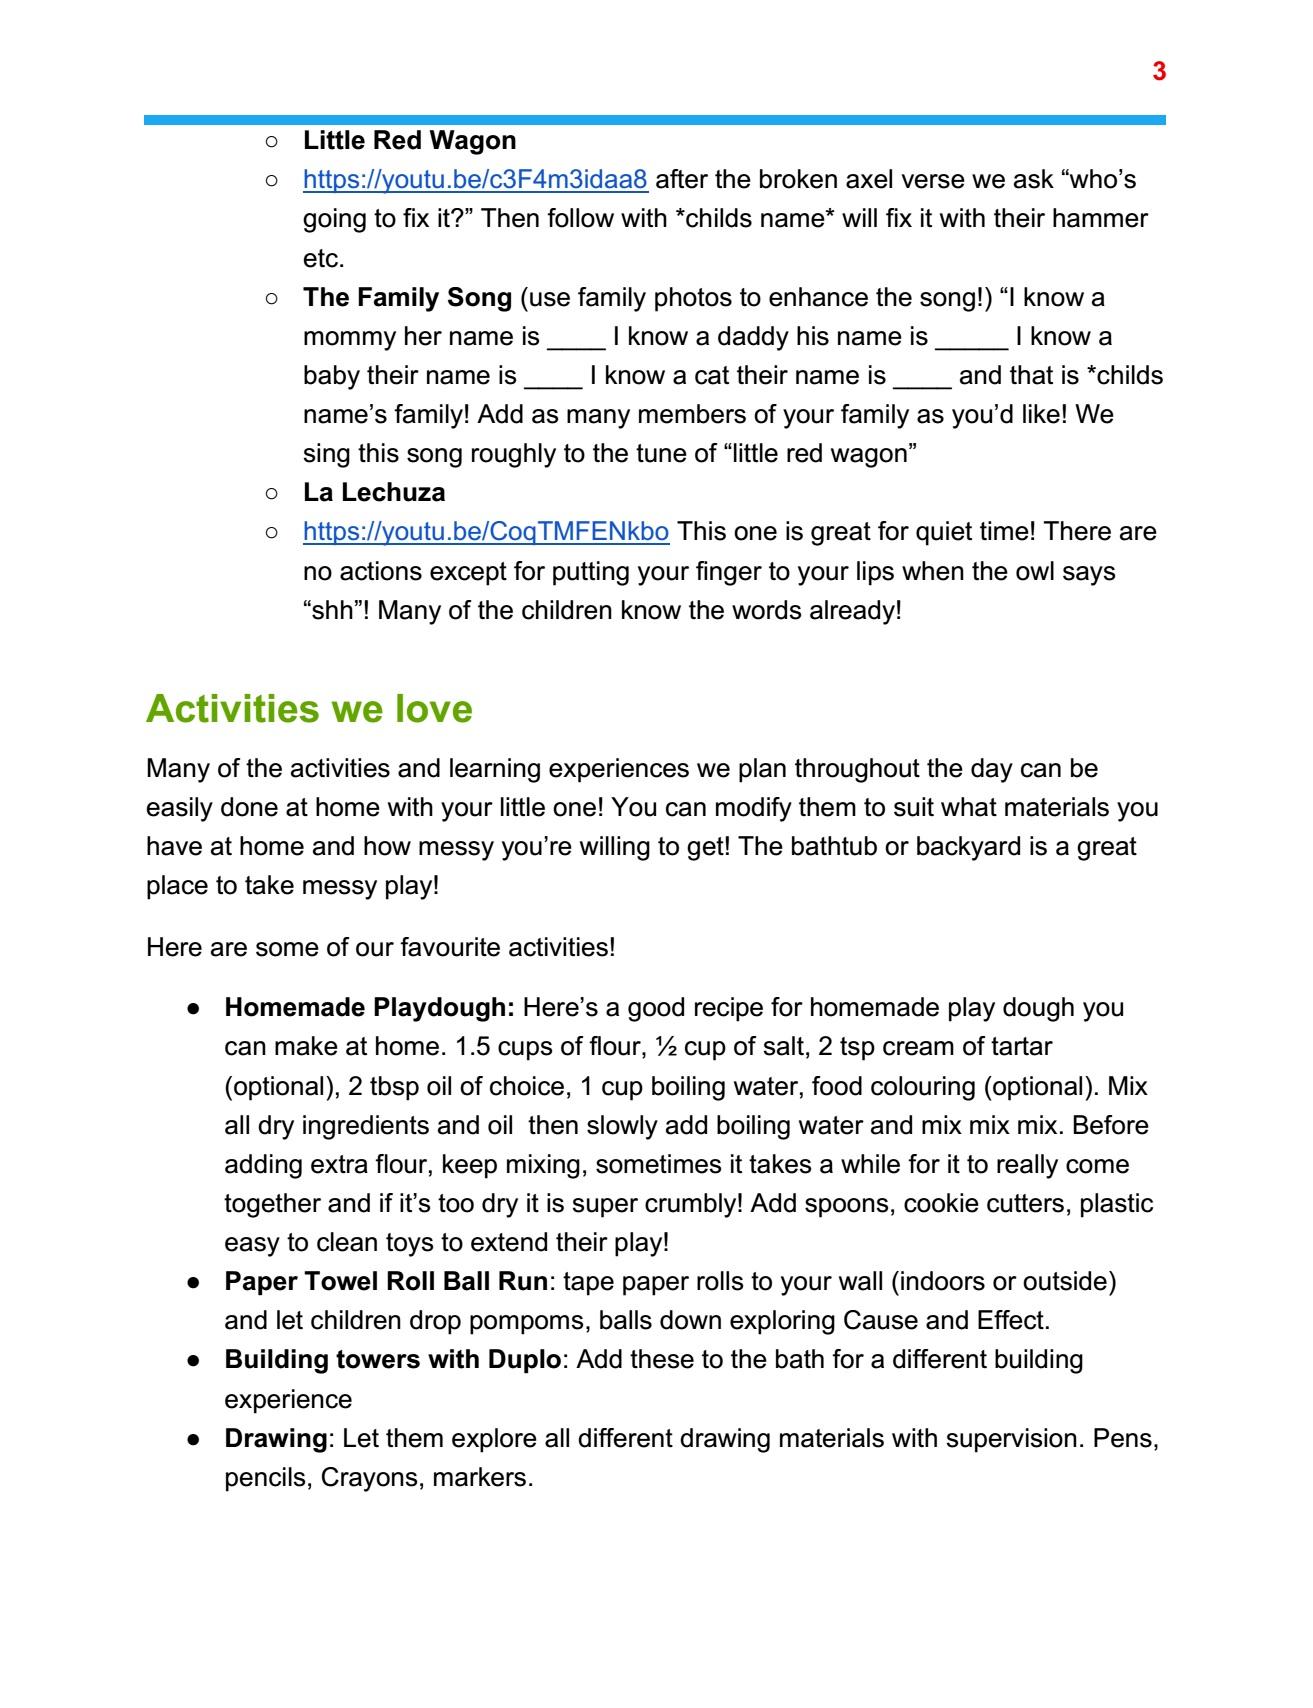 Toddler plan page 3